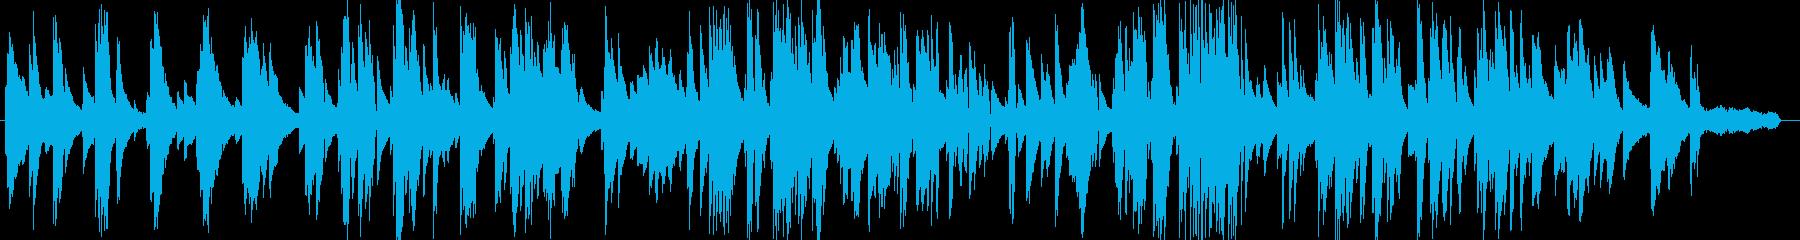 お洒落な動画に合うジャジーなピアノ5の再生済みの波形